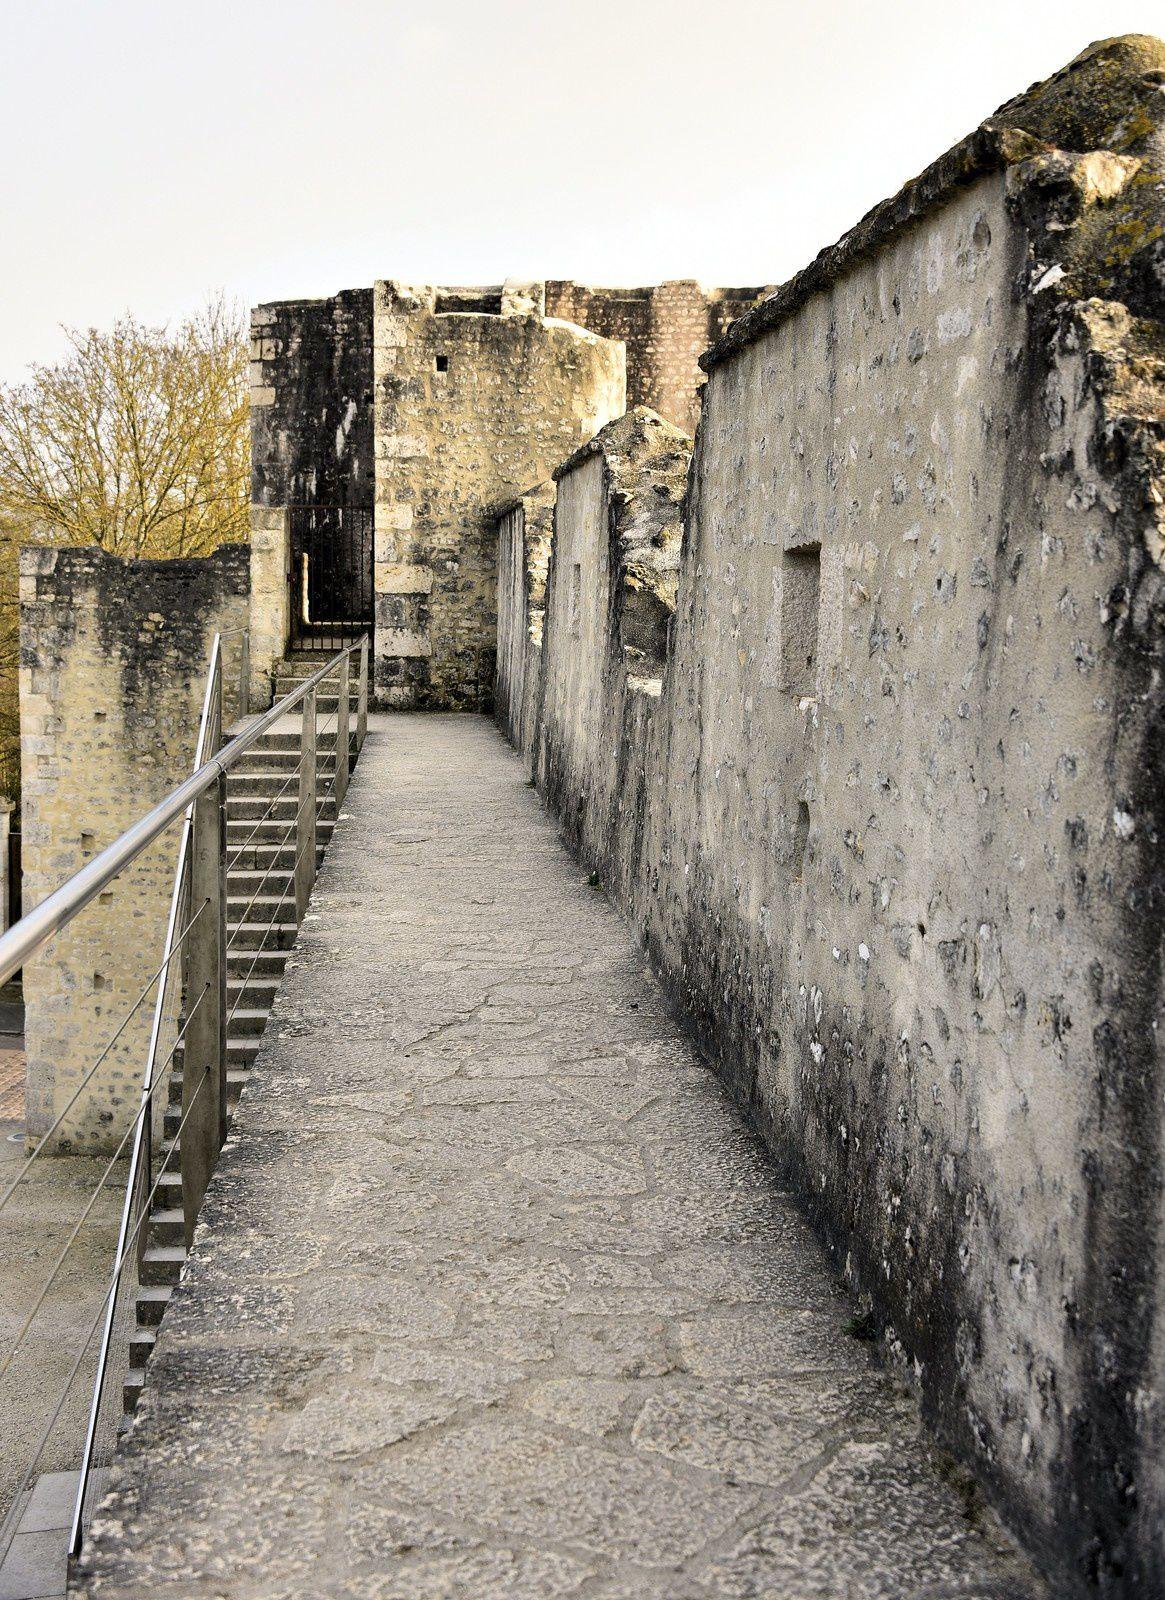 Le 24/03/2019 Balade à la cité médiévale de Provins. (5) Les remparts.